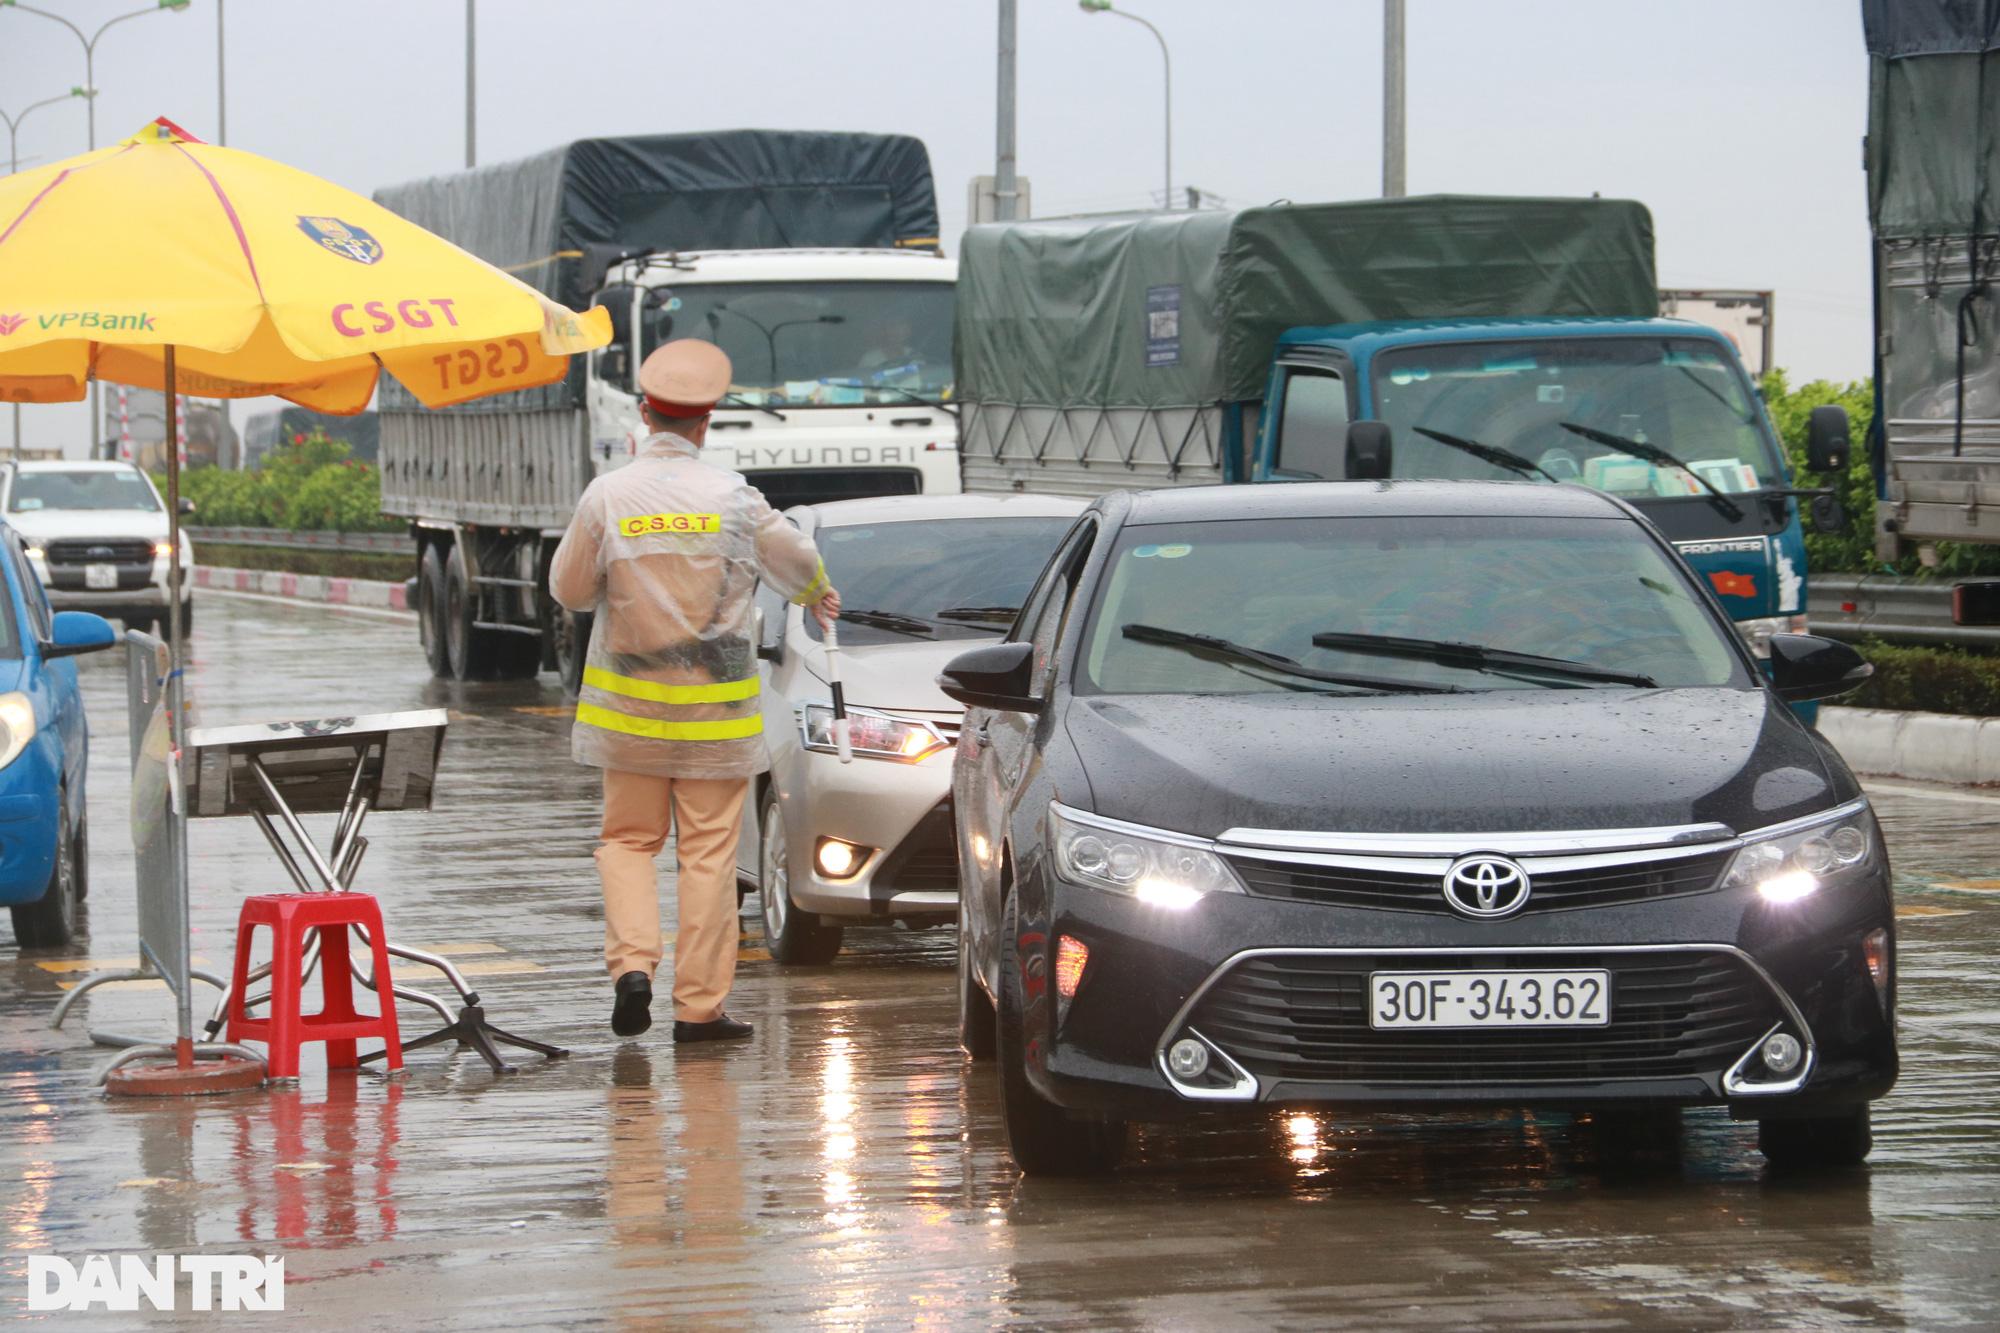 Hà Nội: Đội mưa làm thủ tục qua chốt cửa ngõ, nhiều người phải quay đầu - Ảnh 10.